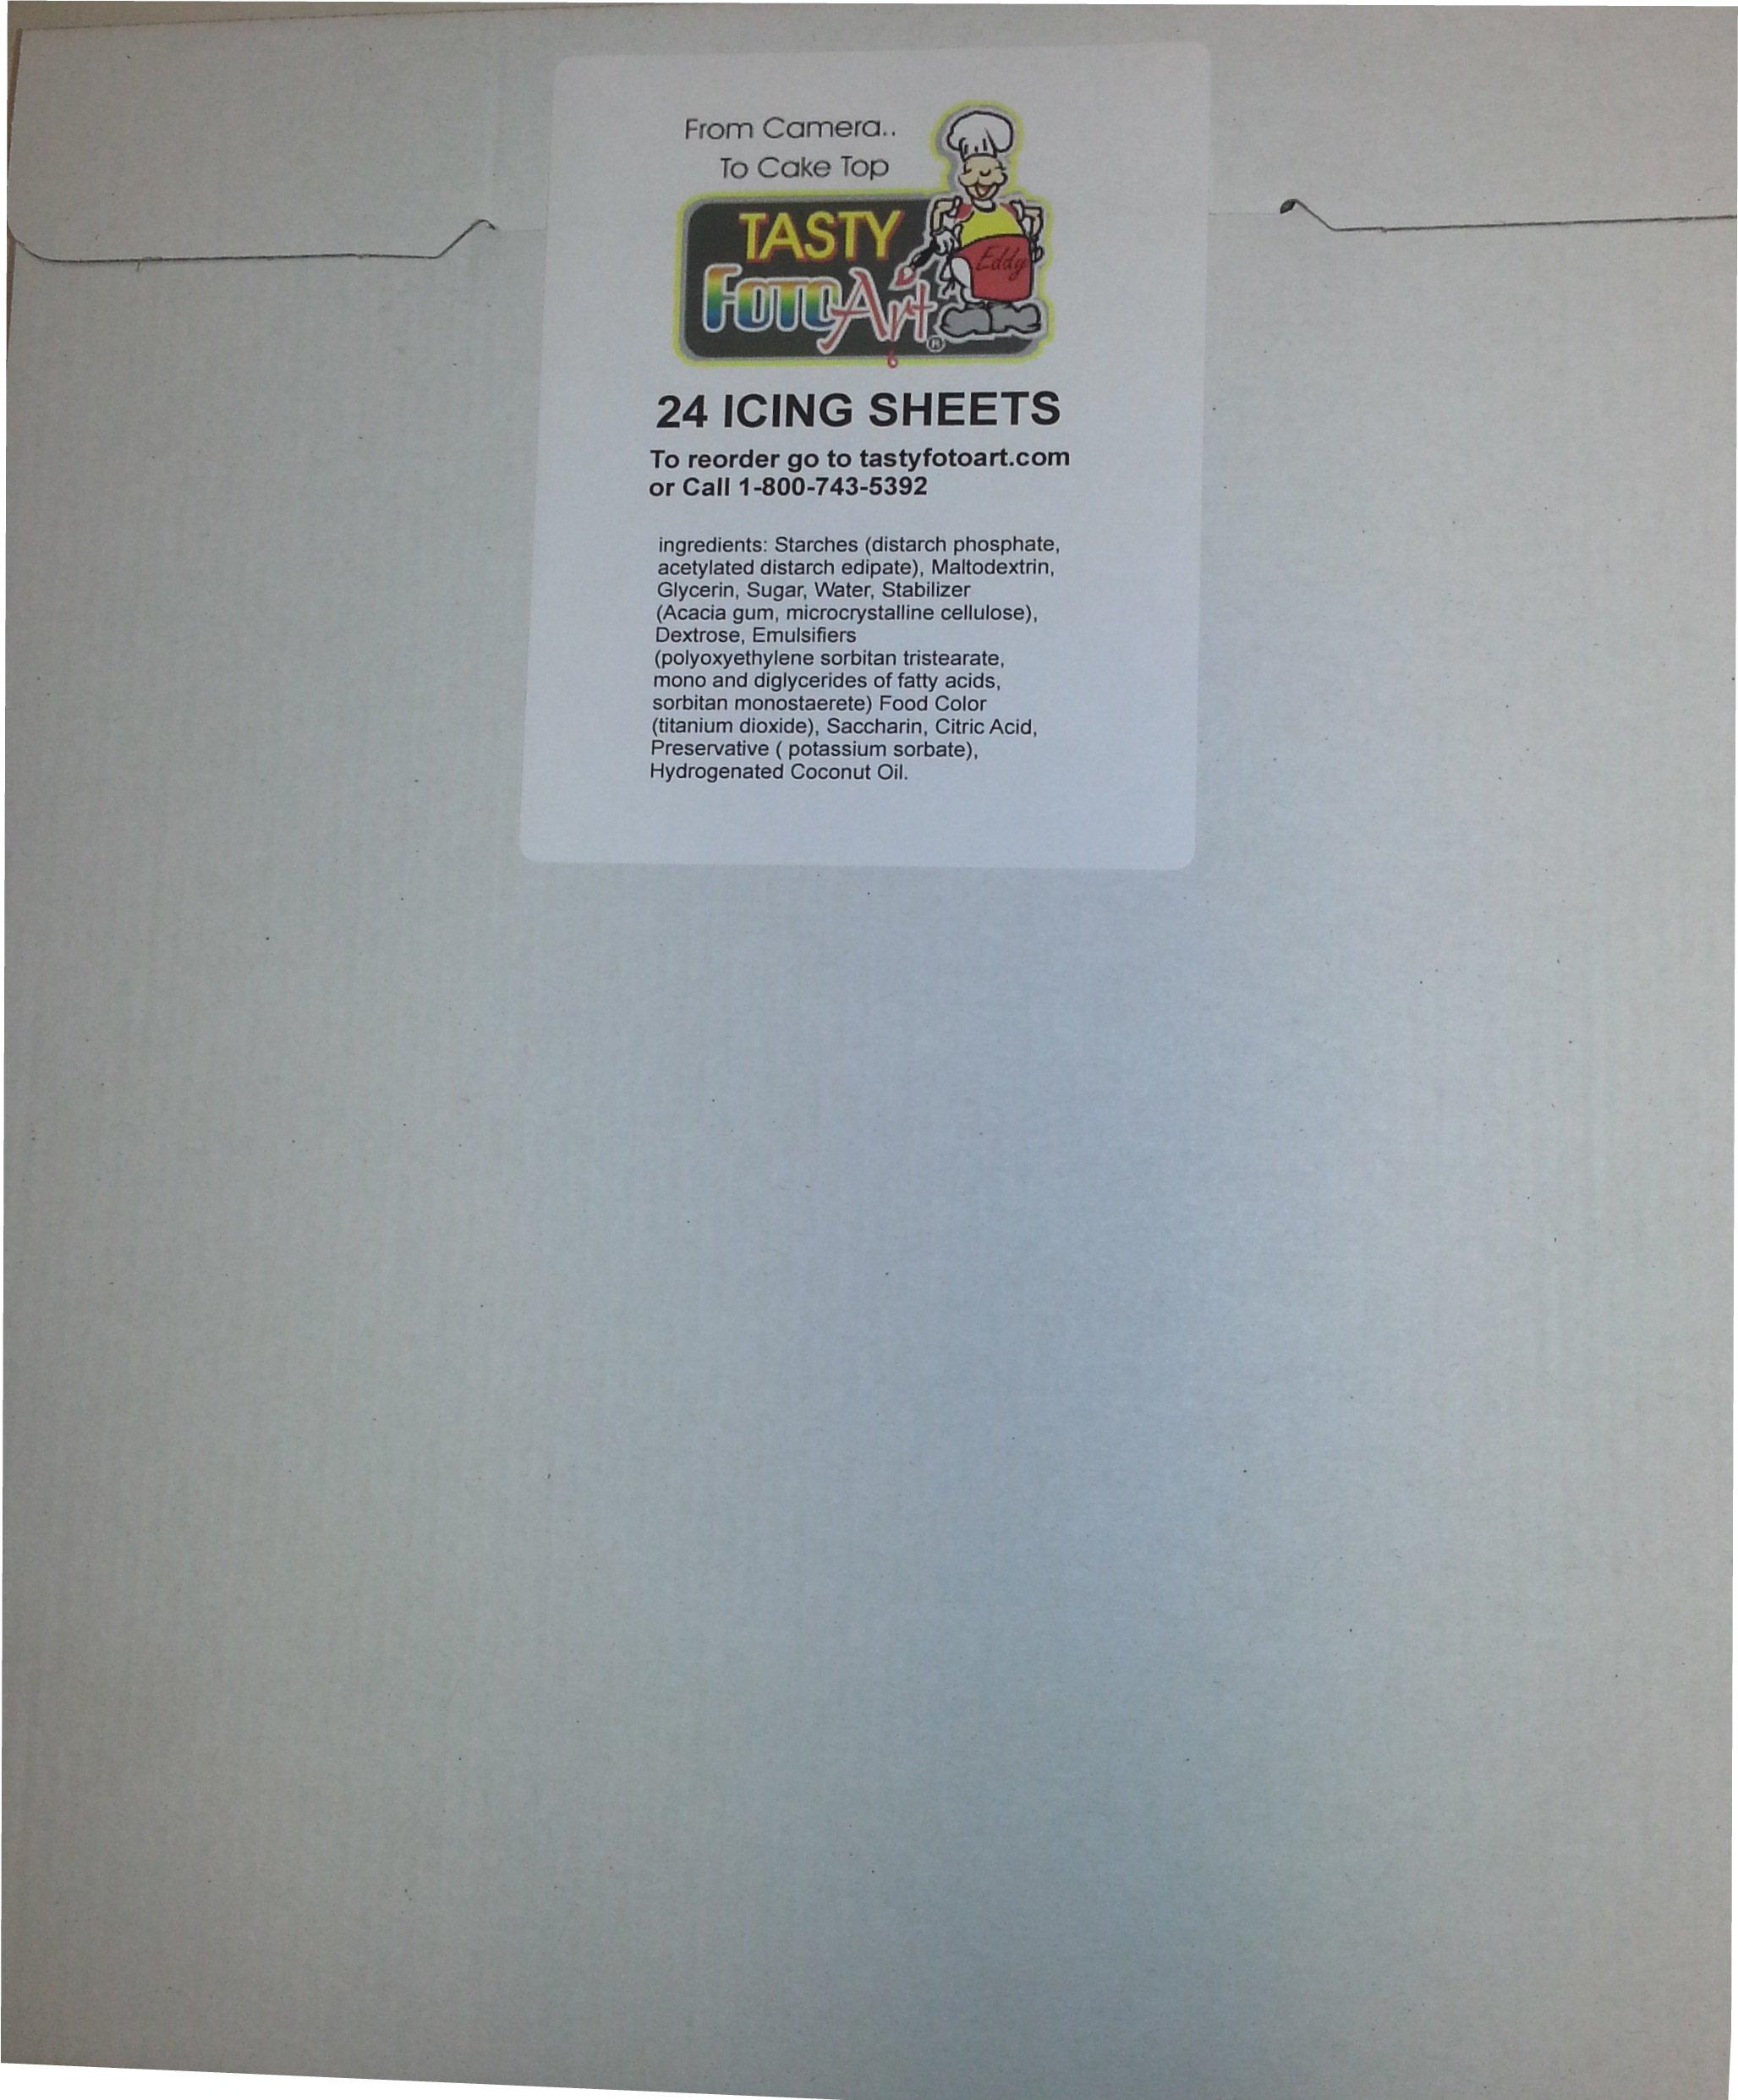 Amazon.com: Frosting Sheets, Icing Sheets, Sugar Sheets 8-1/2 X 10-1 ...